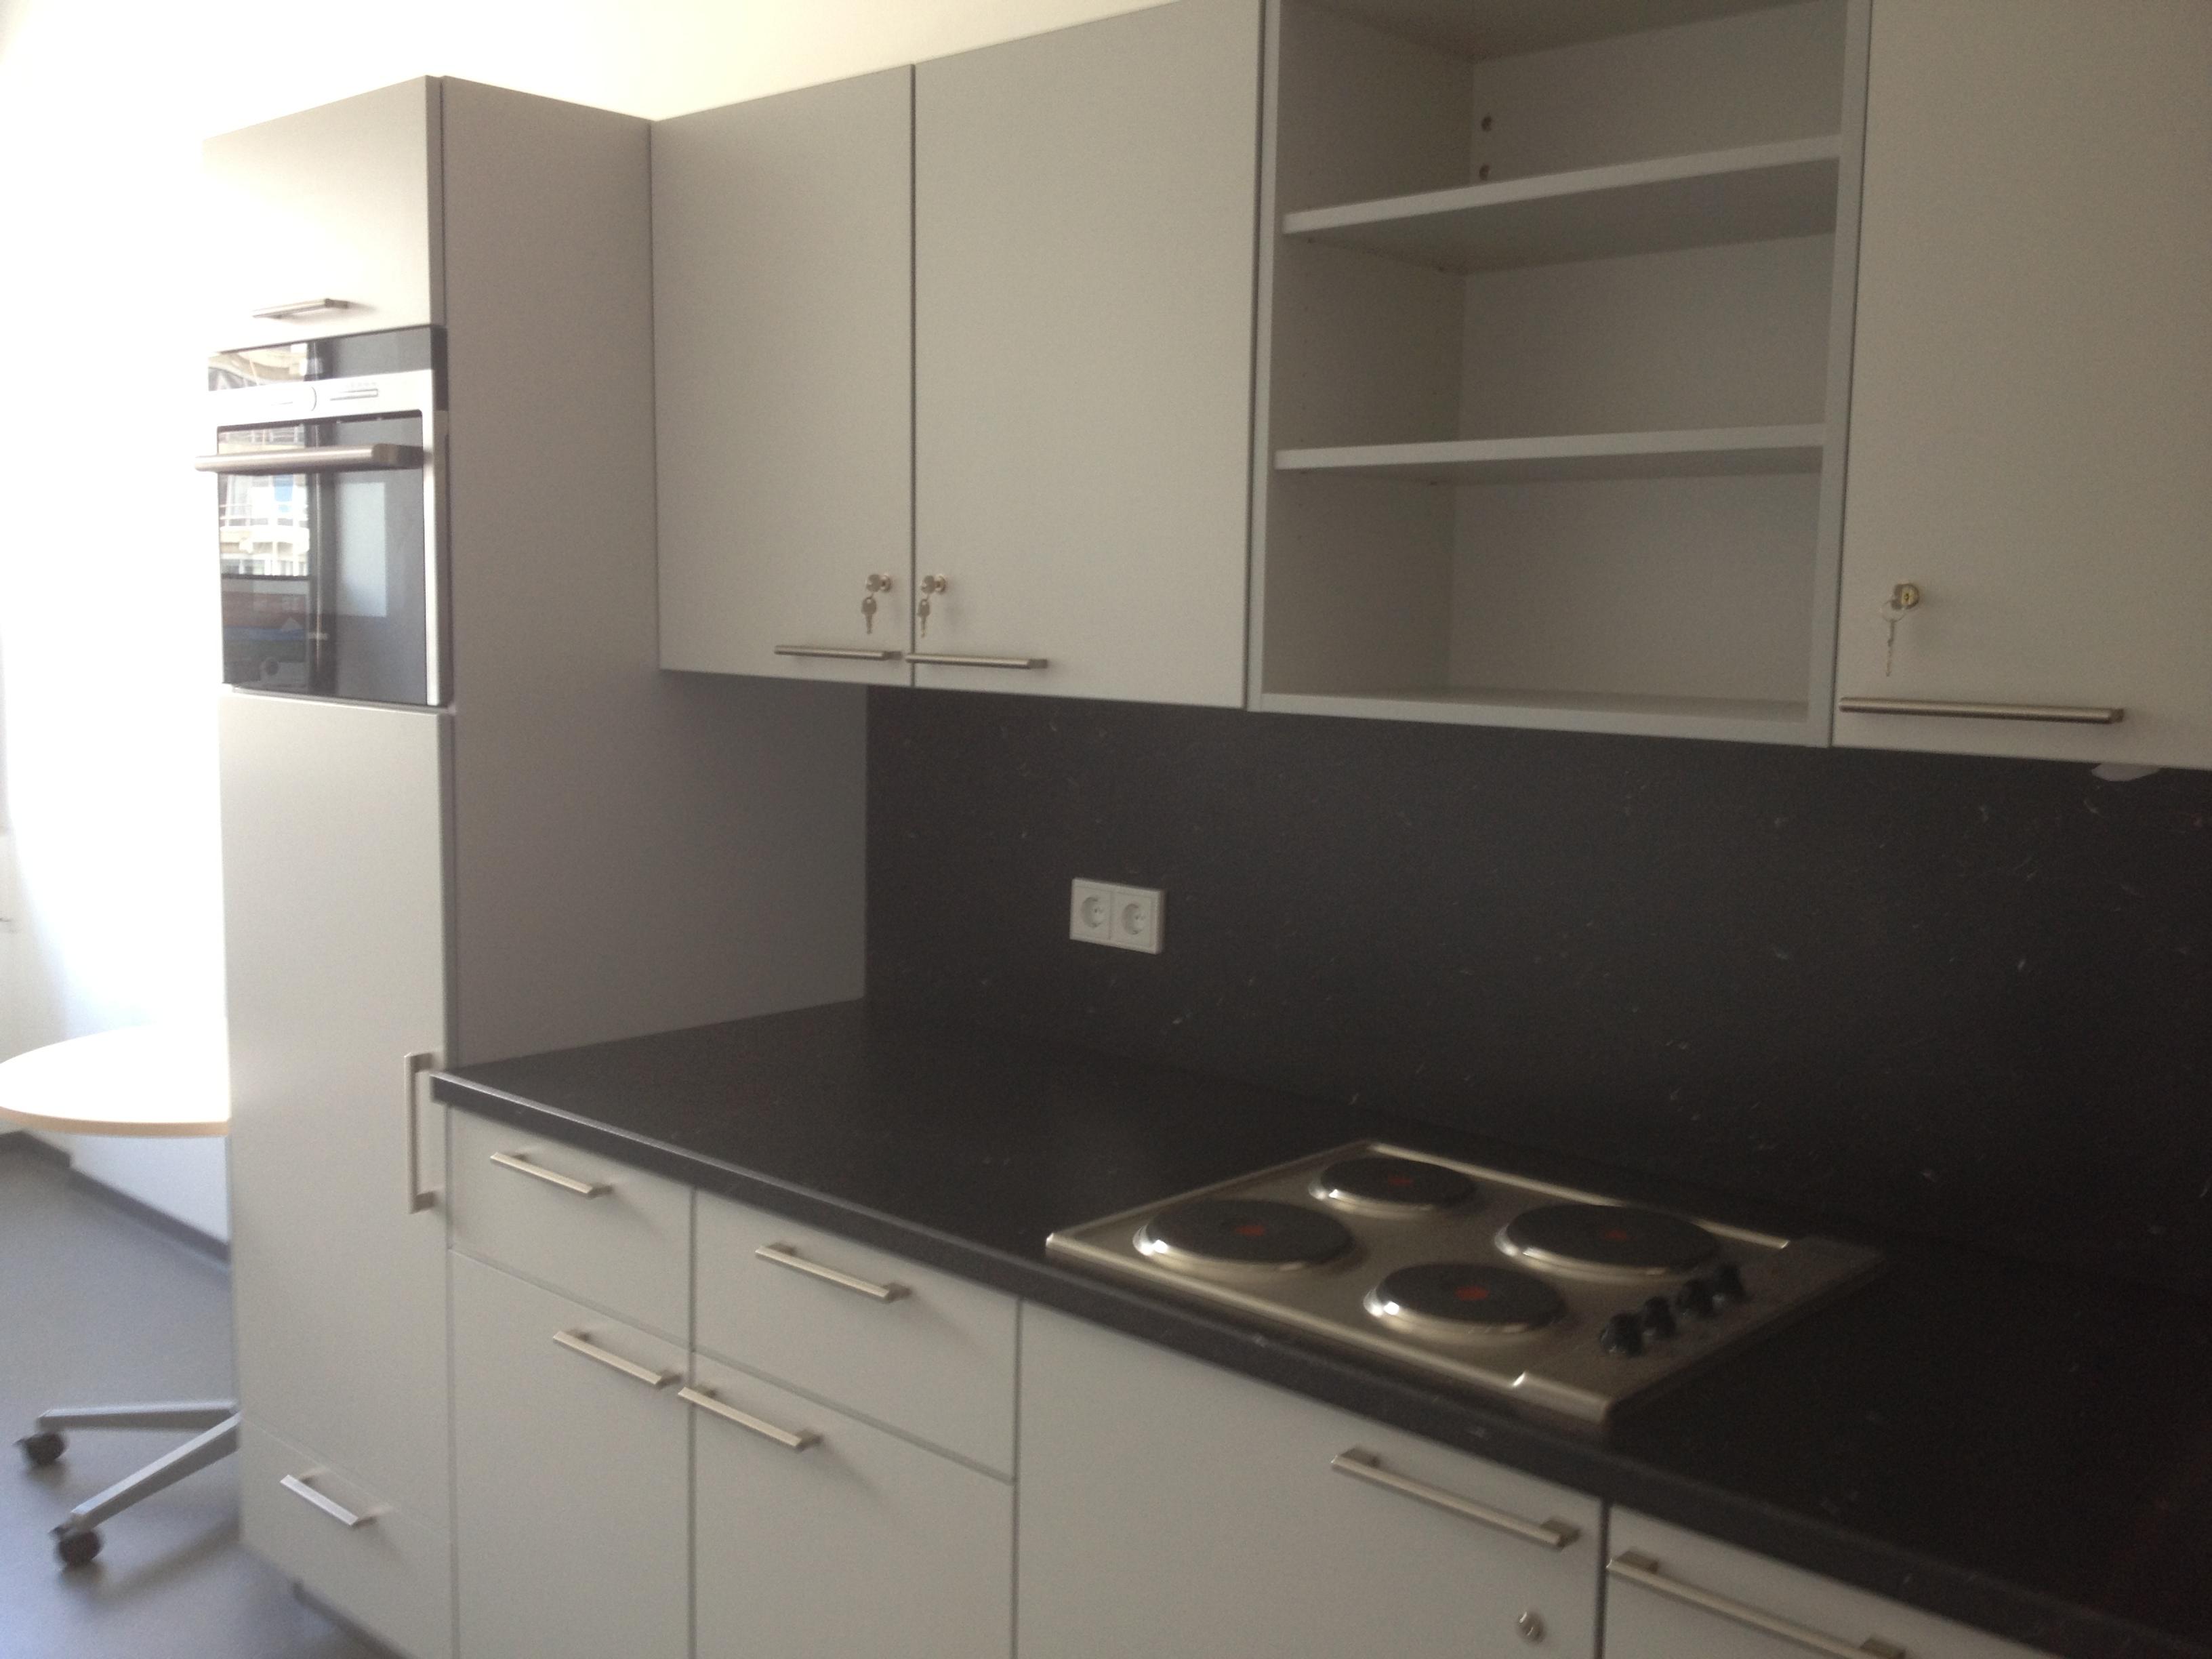 Unsere Küche I